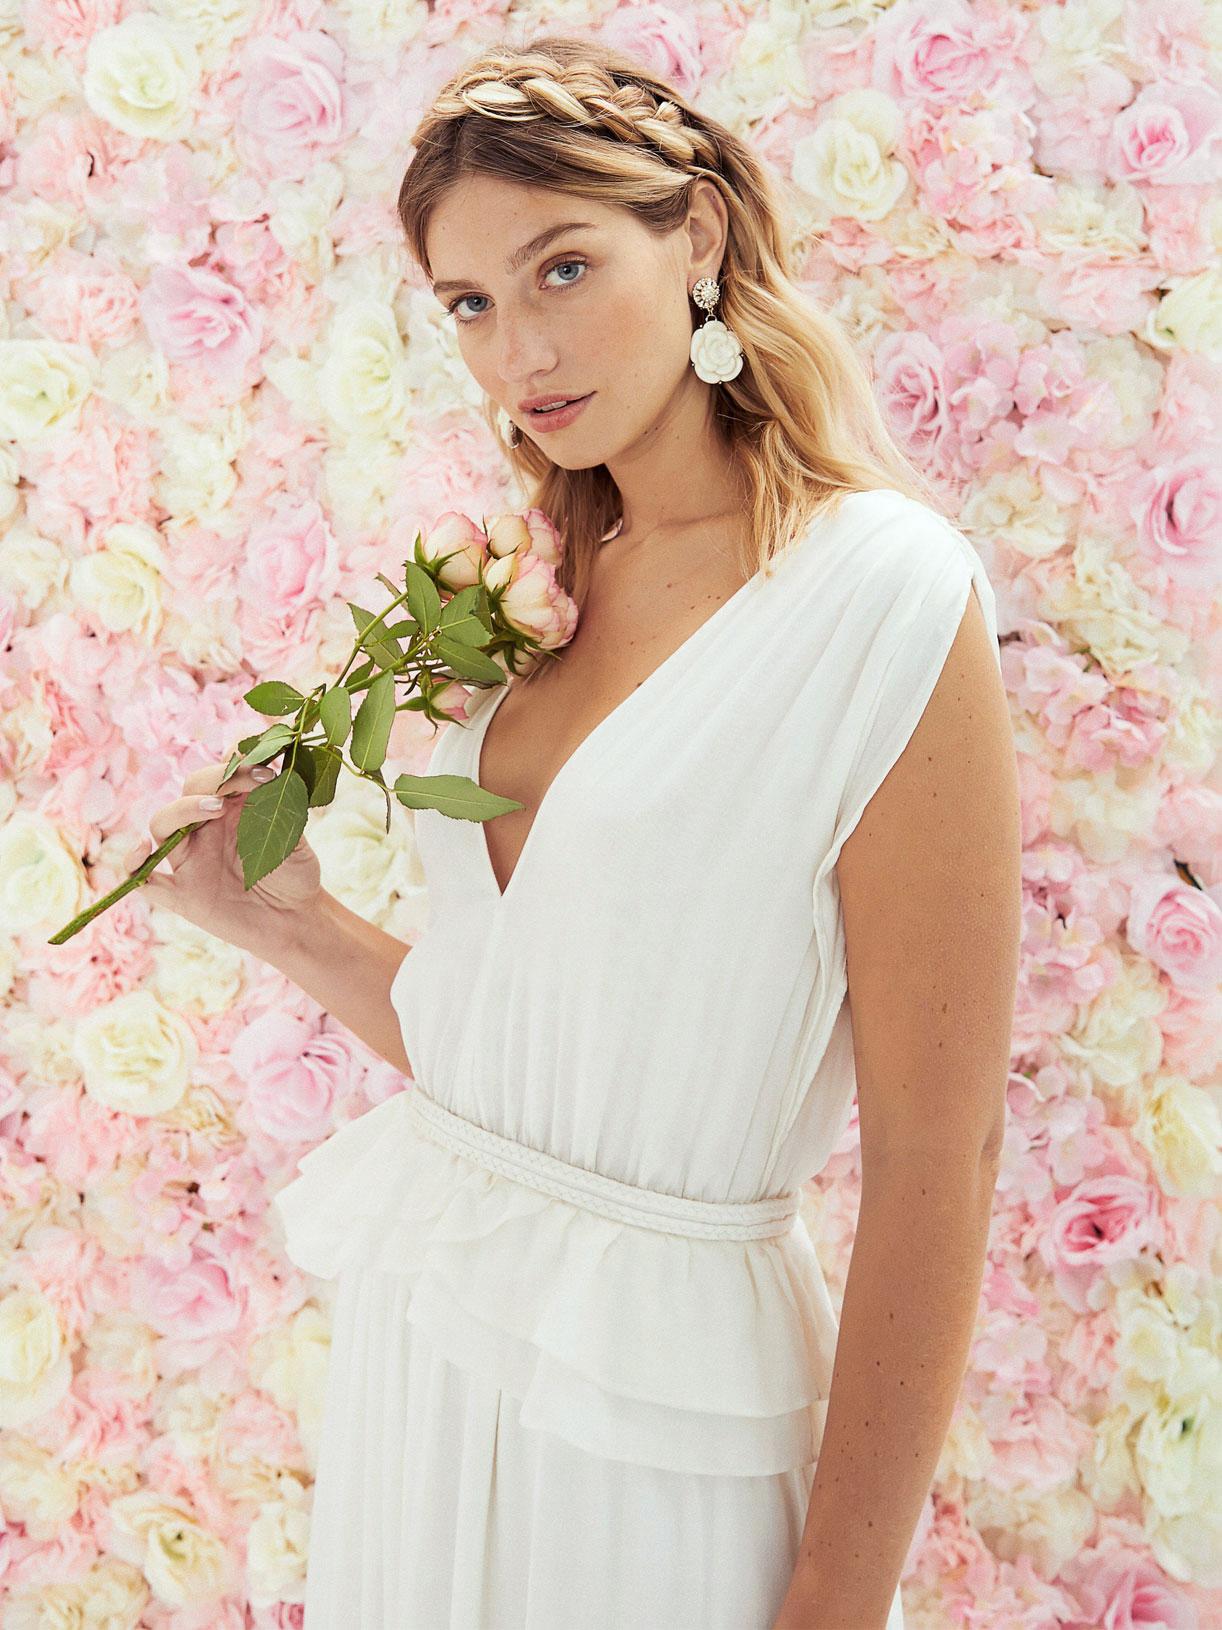 Robe de mariee deesse grecque peplum ecoresponsable - Creatrice de robe de mariée éthique et écoresponsable a Paris - Myphilosophy